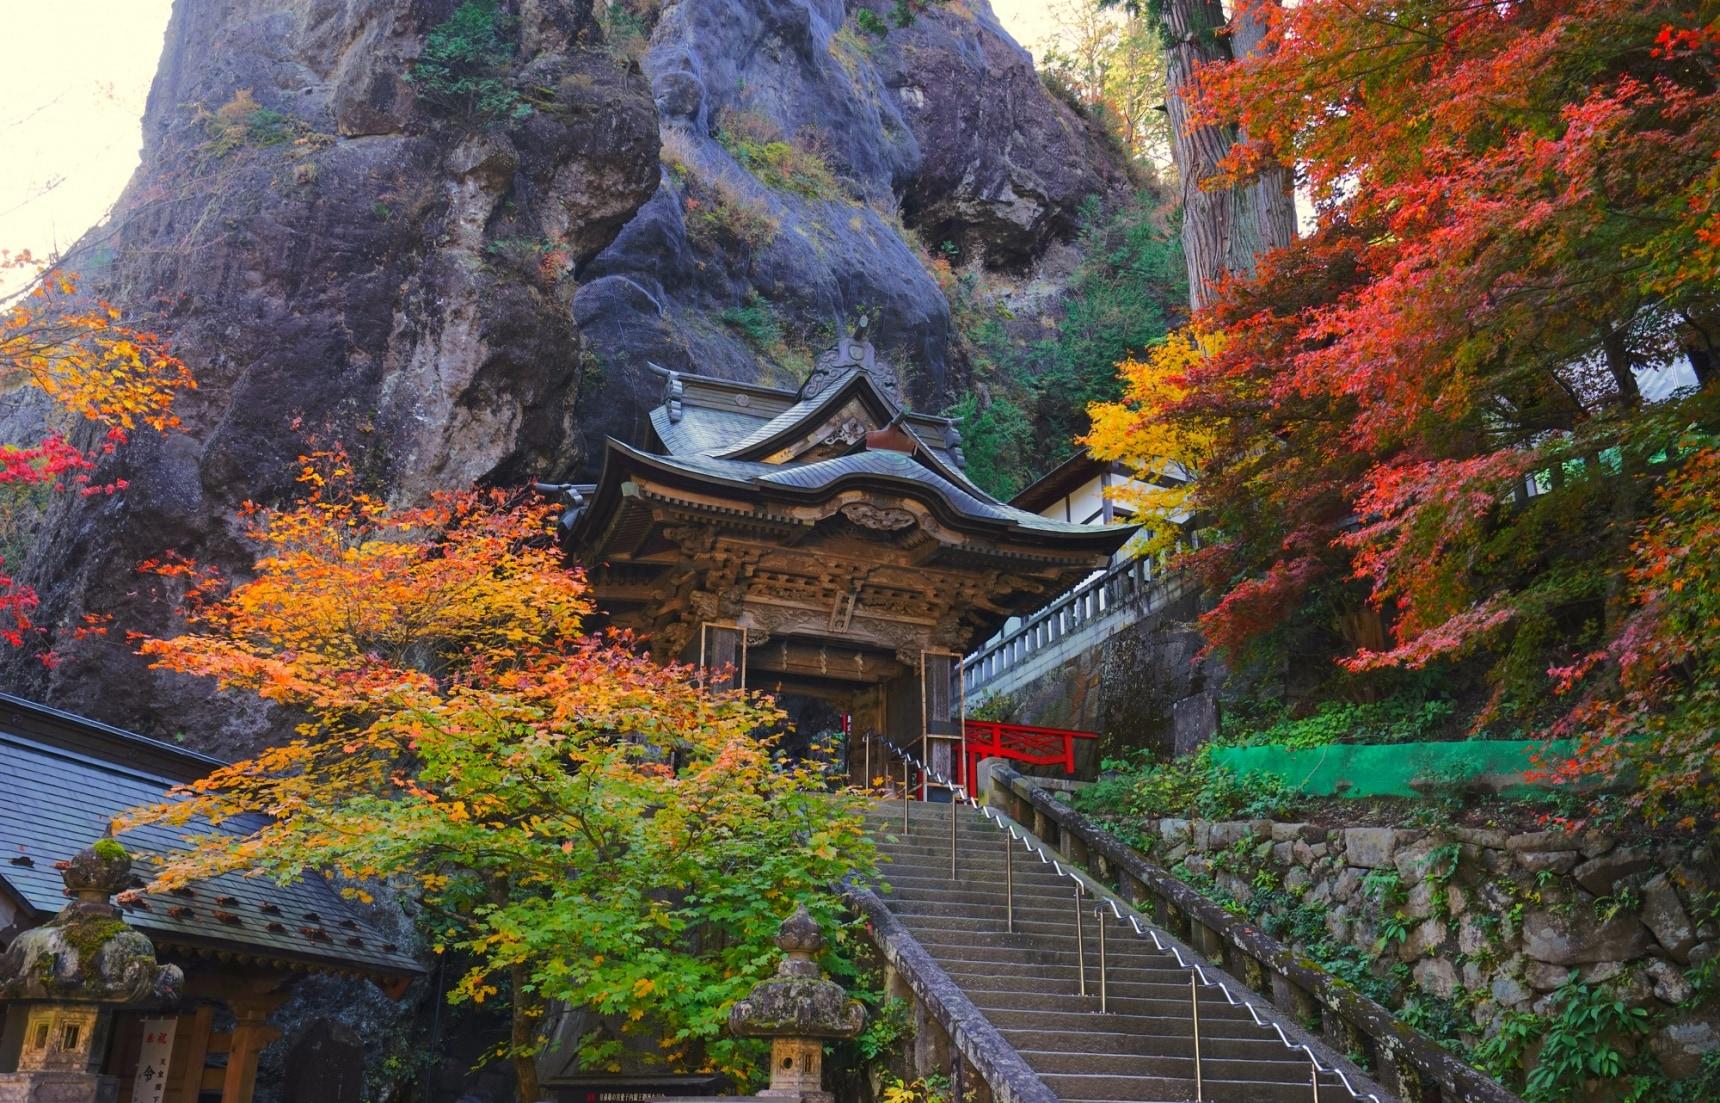 【日本群馬】什麼!這裡曾經是個寺廟?「神佛合一」的榛名神社